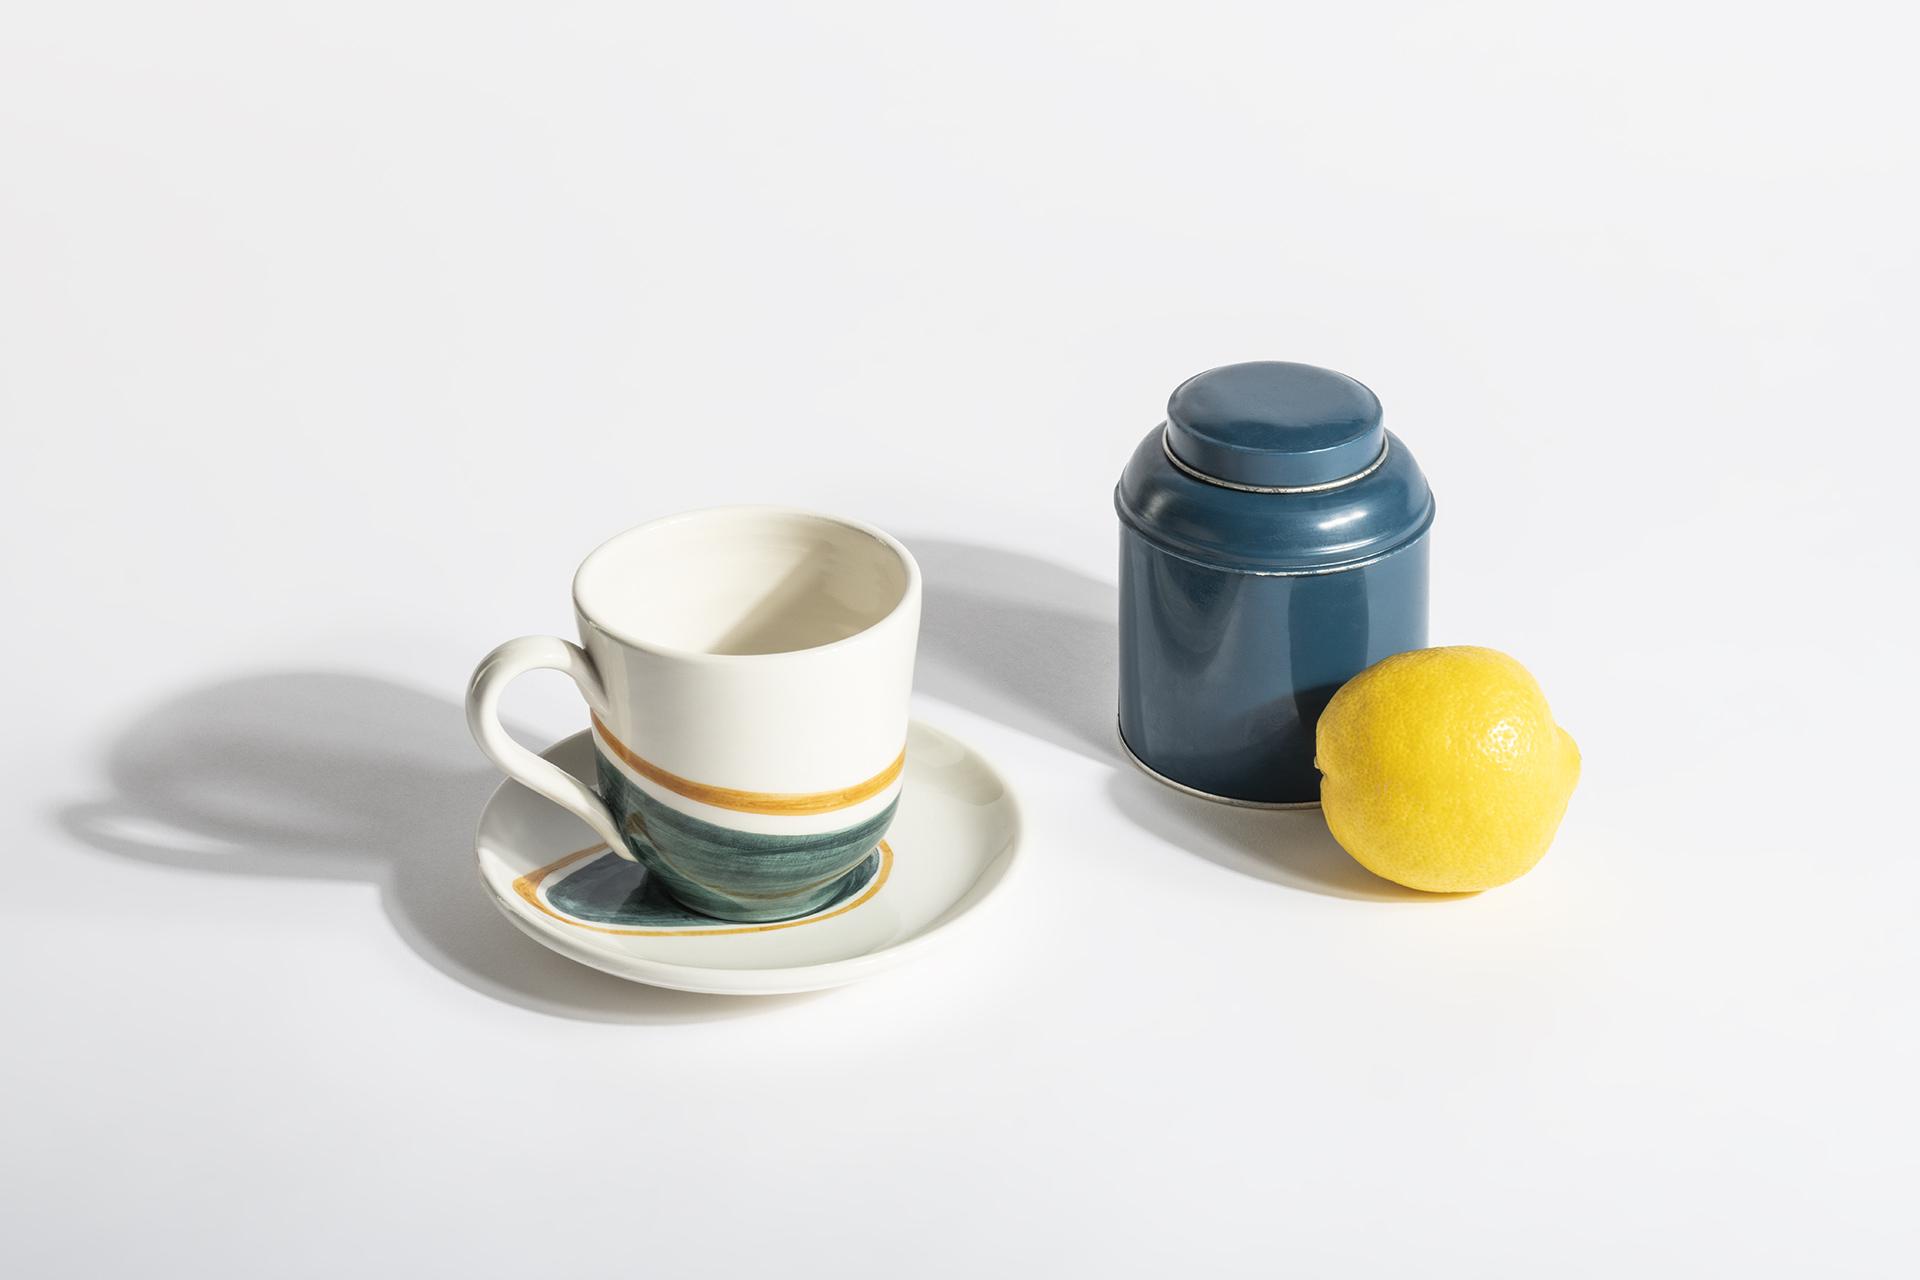 Ombre, set di tazze da thè in ceramica modellate artigianalmente e dipinte a mano.